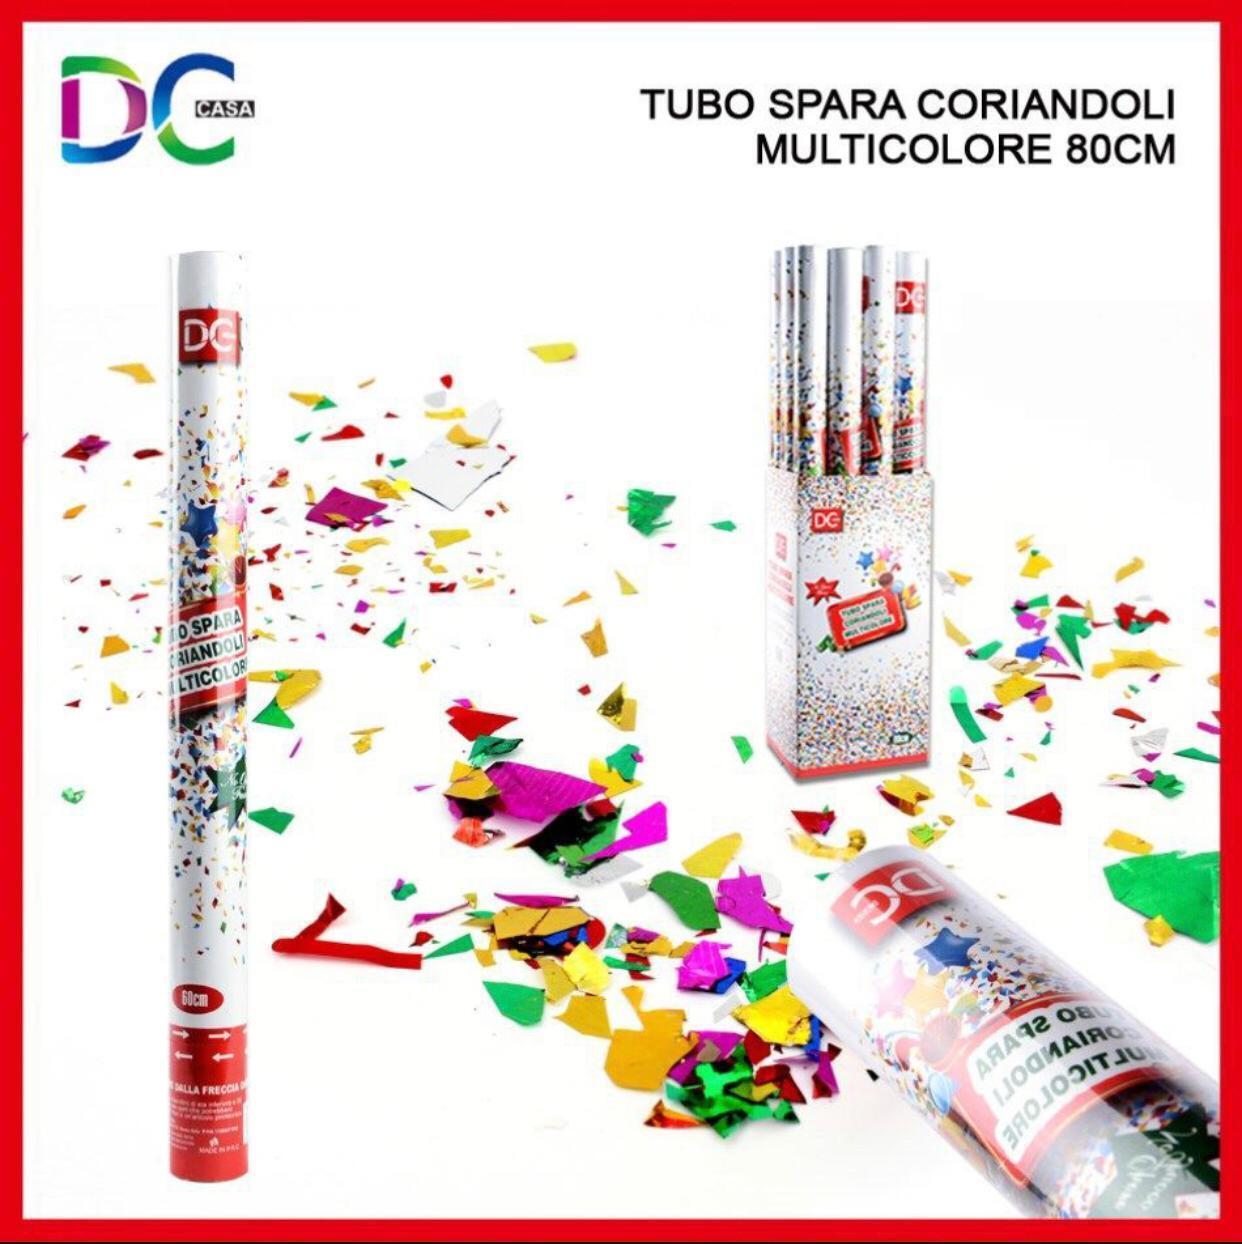 TUBO SPARA CORIANDOLI ColoreeeATI MULTIColoreeeE 80 CM MATRIMONIO PARTY PARTY PARTY FESTA NUOVO 2508e0